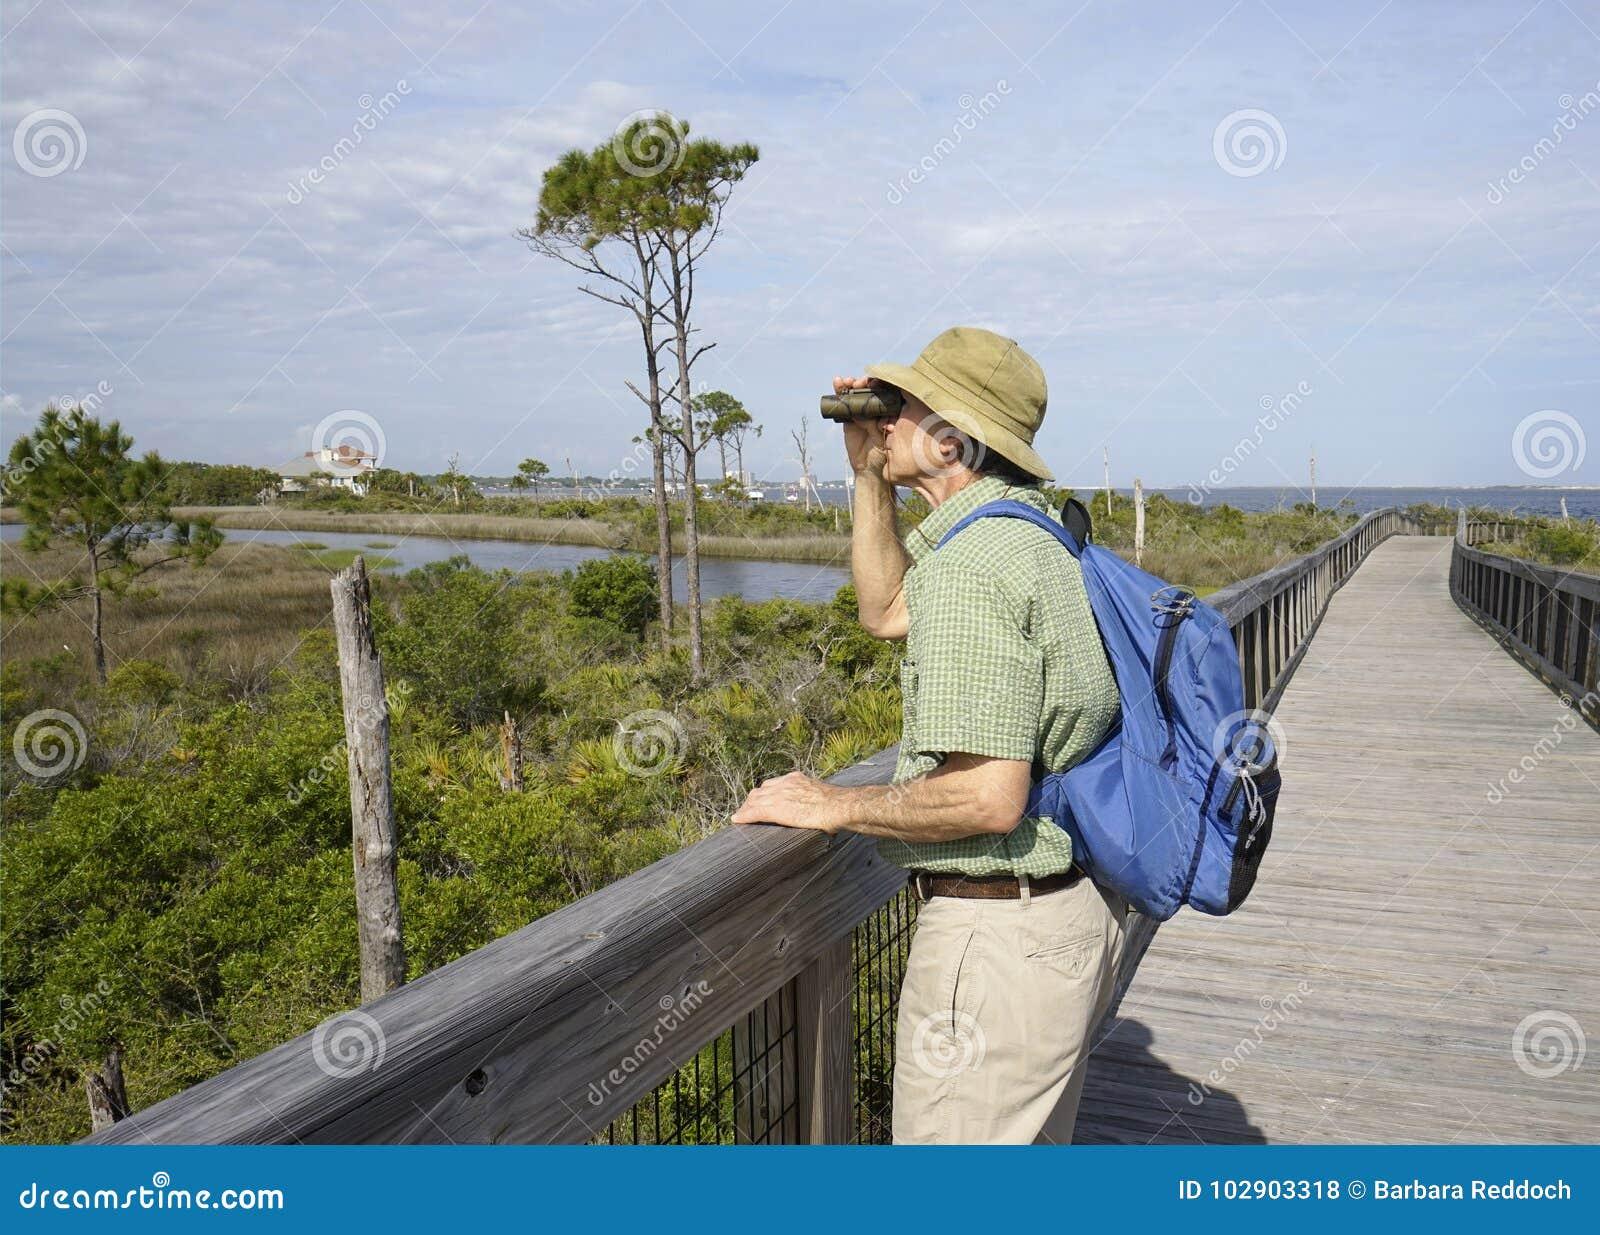 Man Birdwatching at Big Lagoon State Park in Florida